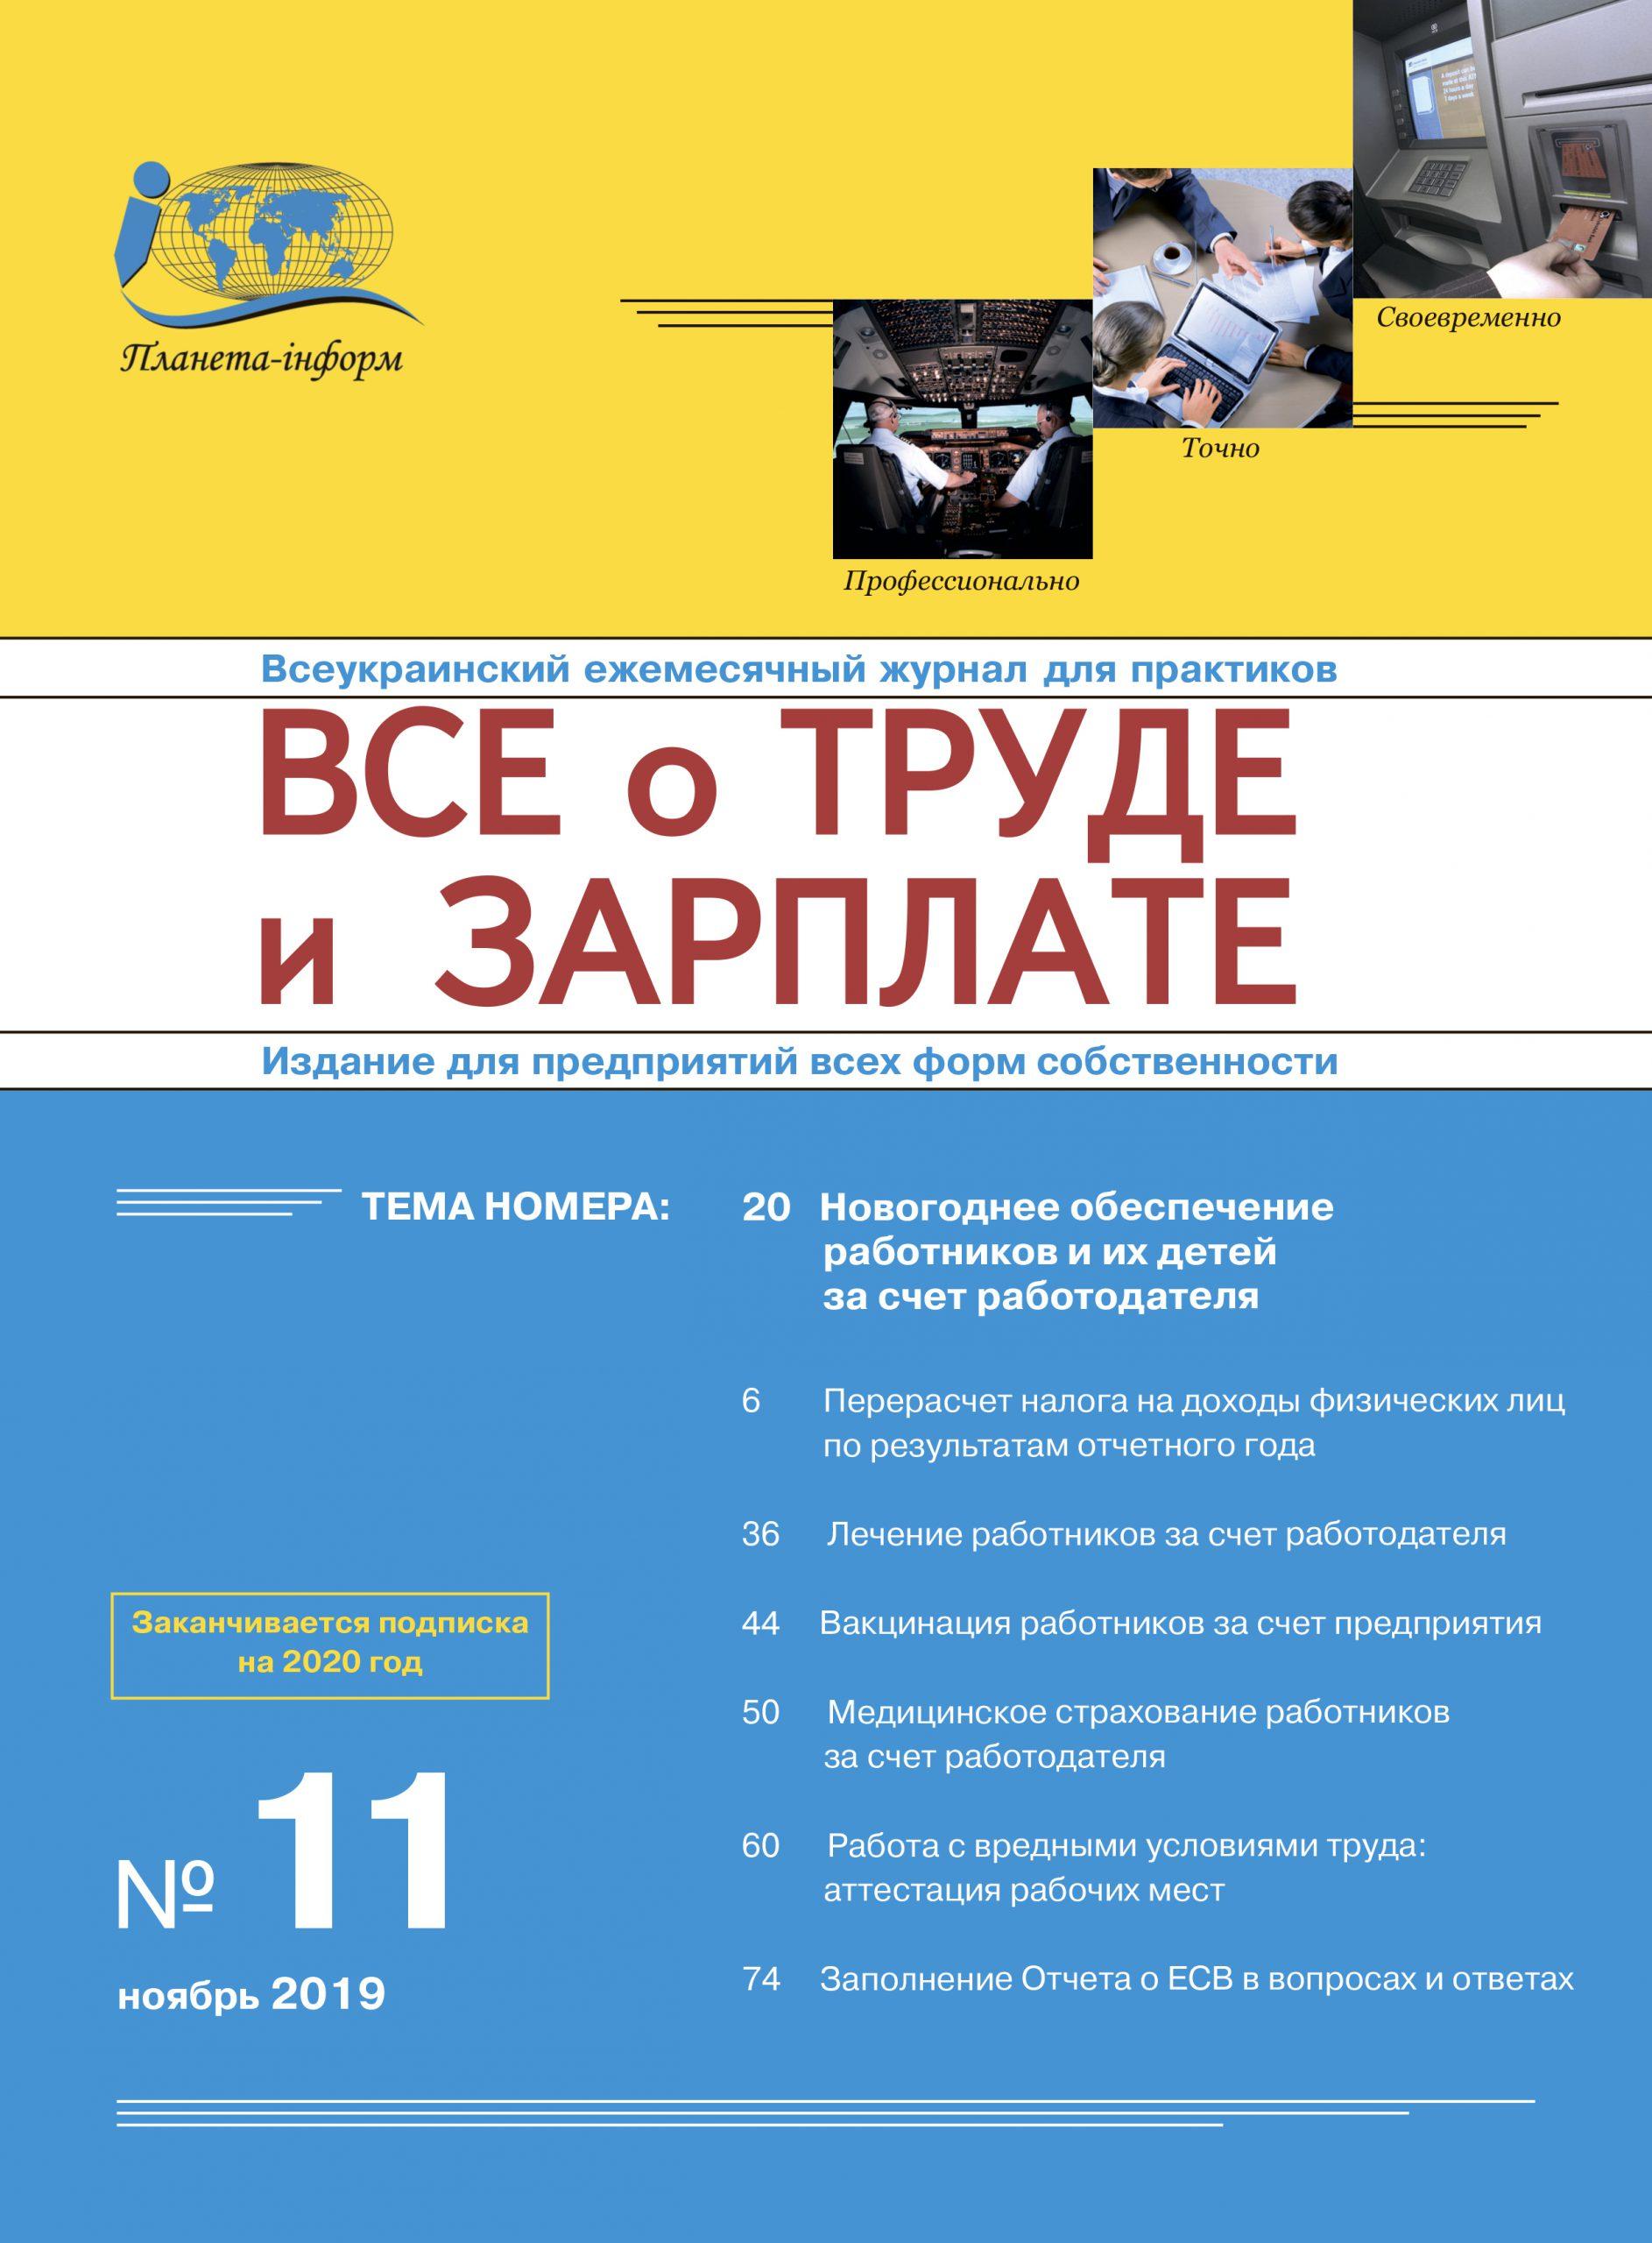 Журнал Все о труде и зарплате № 11/2019